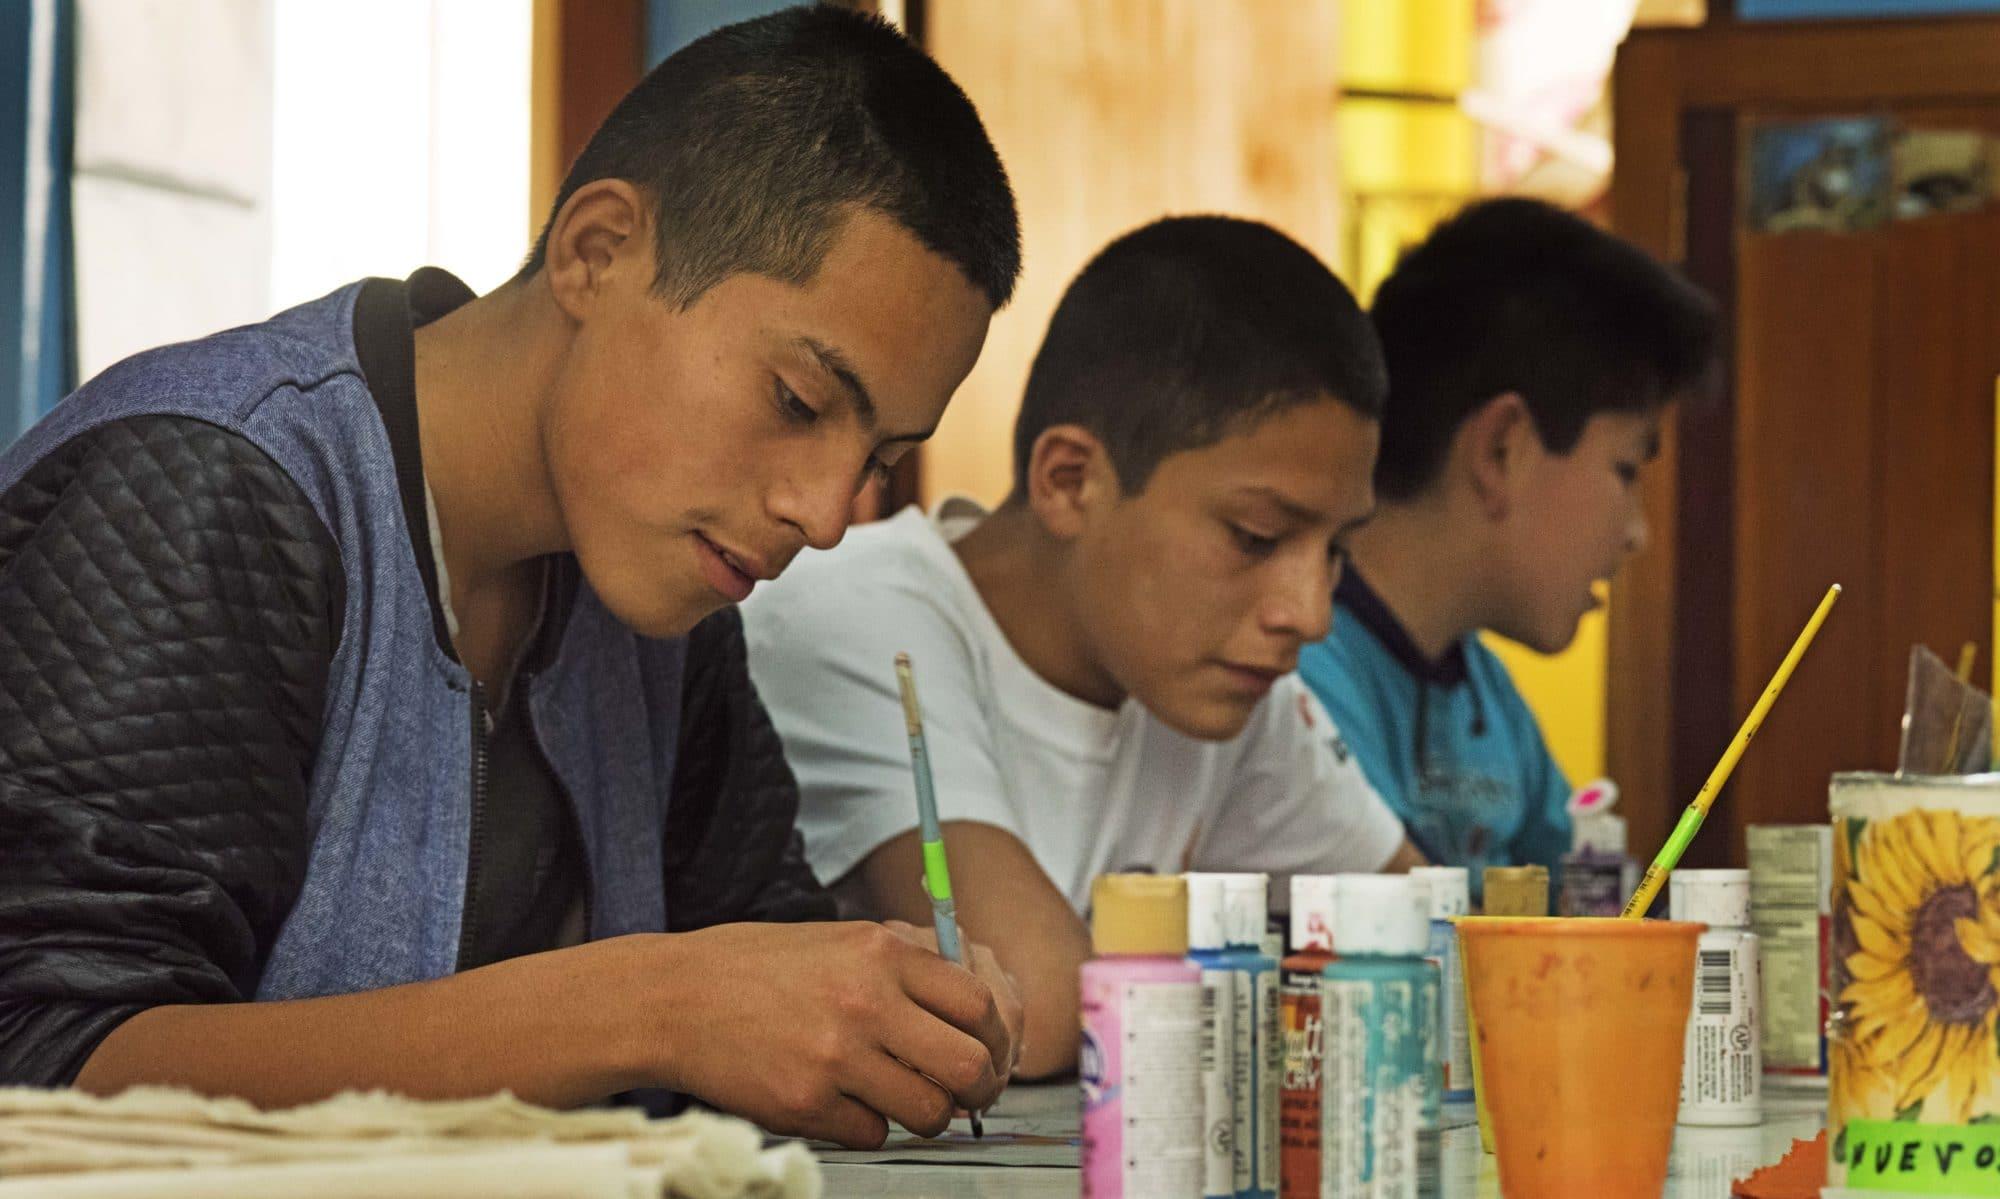 Association d'aide aux enfants des rues du Pérou